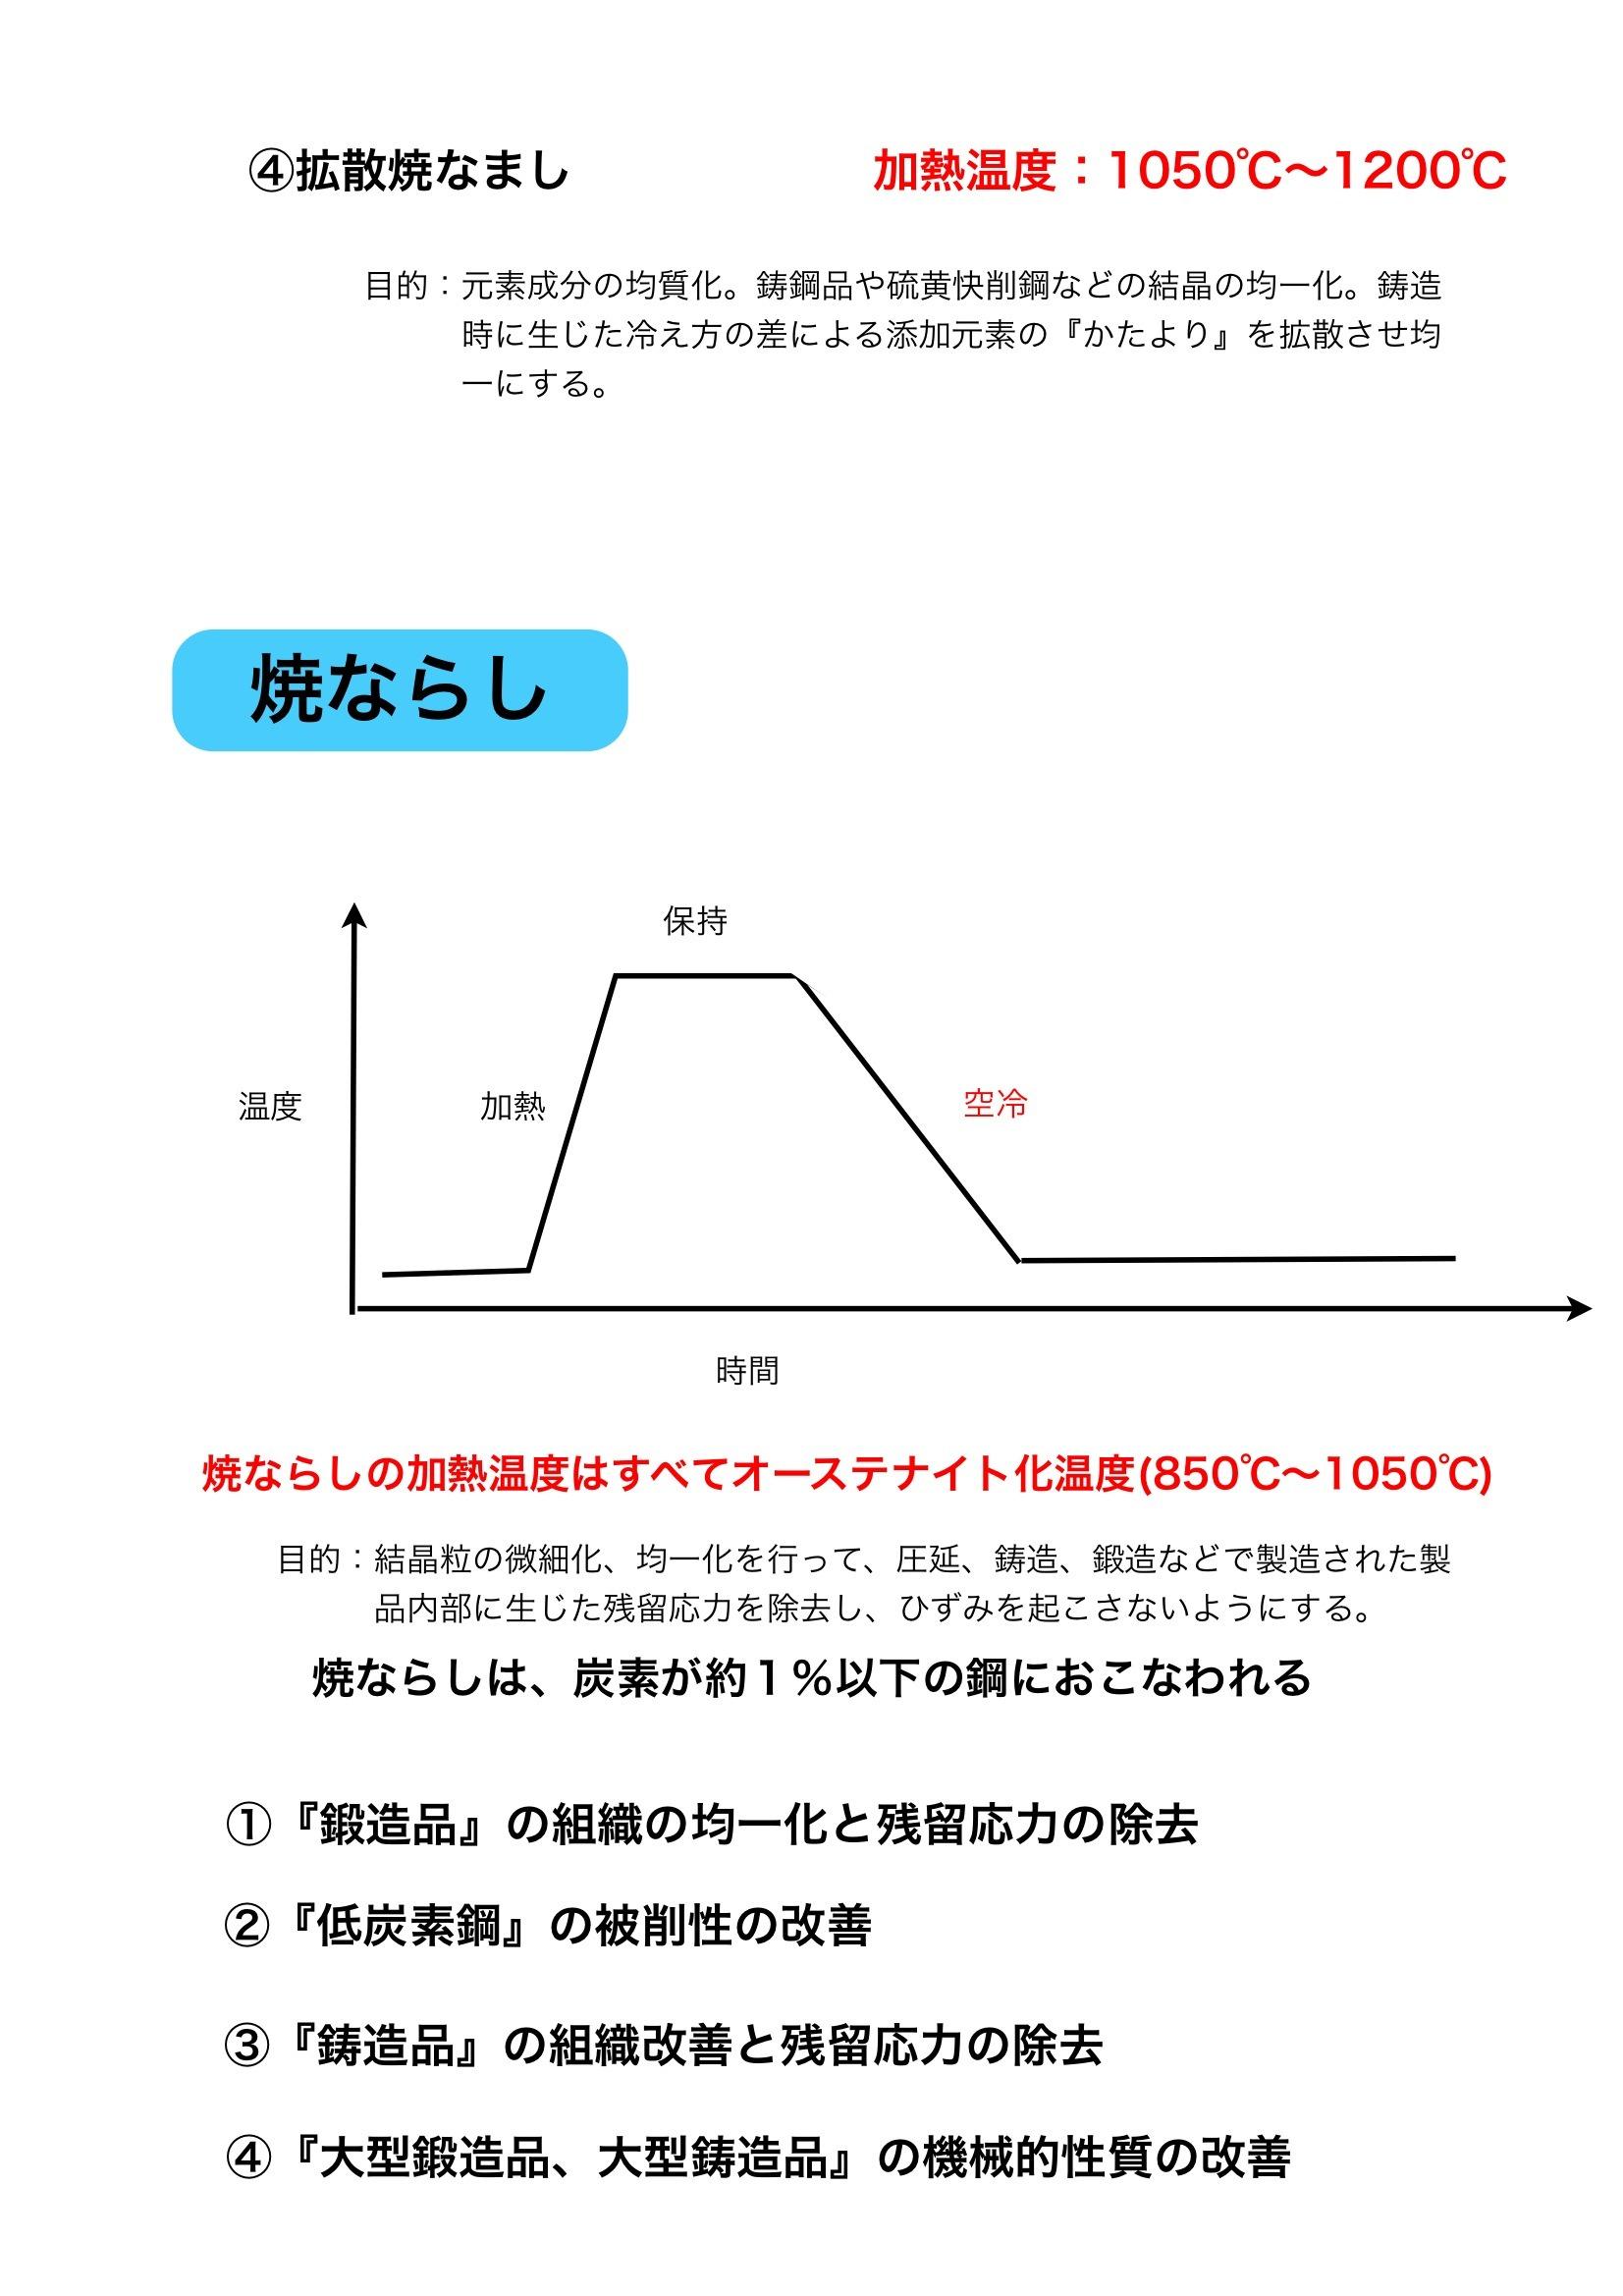 【鉄】熱処理の概要_e0159646_55351.jpg